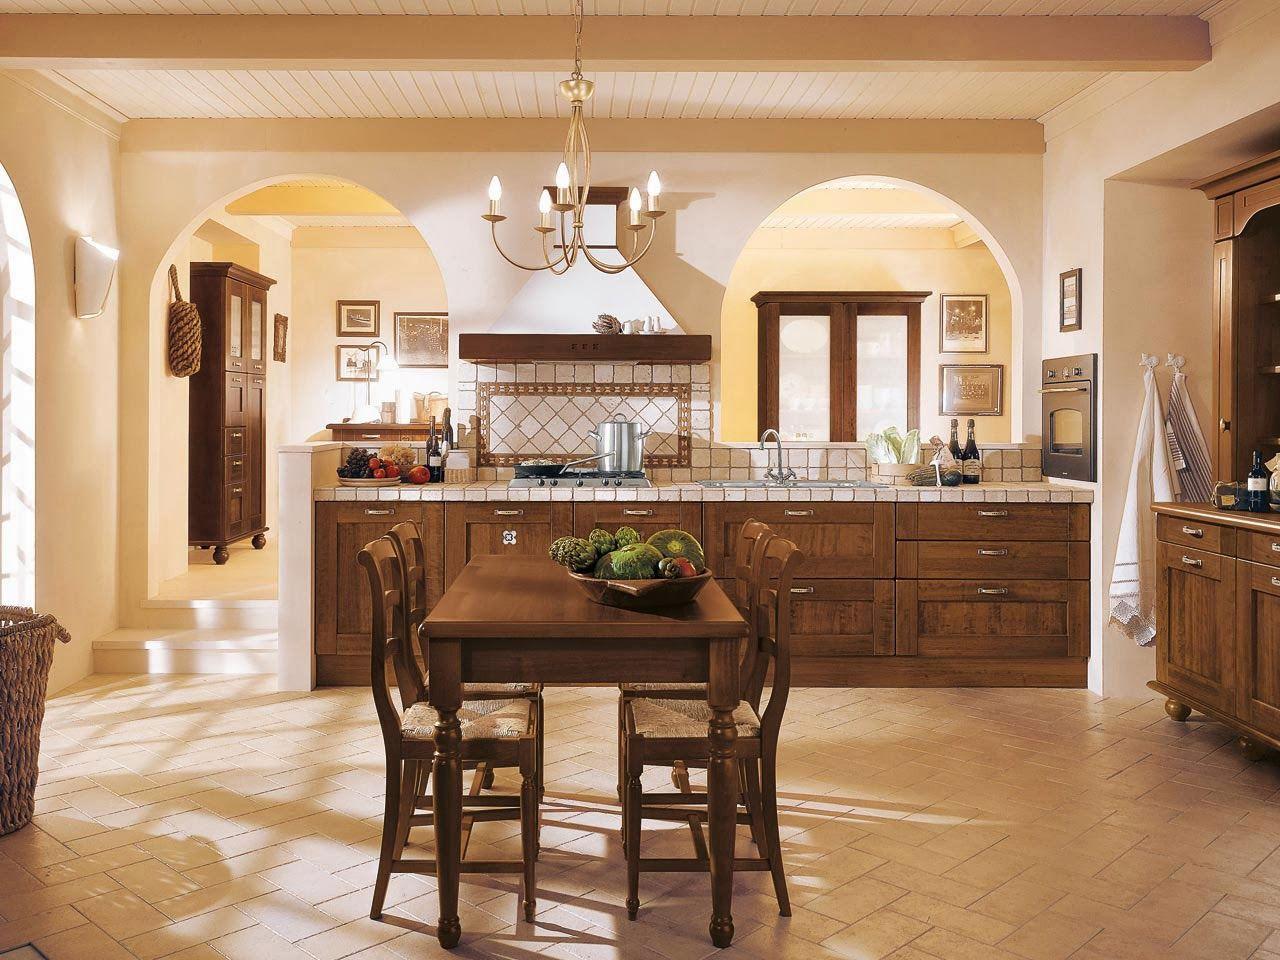 Desain interior rumah klasik Italia